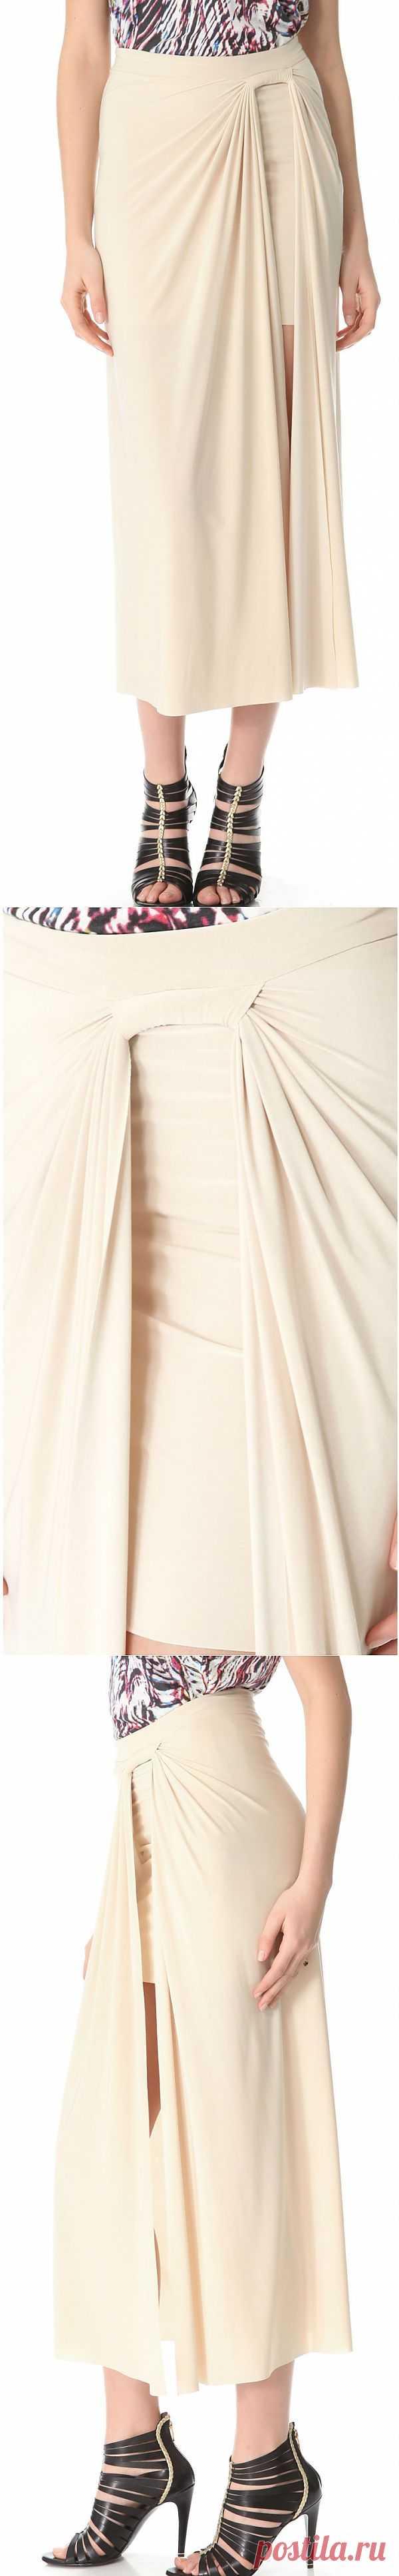 Двойная юбка с петлей / Детали / Модный сайт о стильной переделке одежды и интерьера